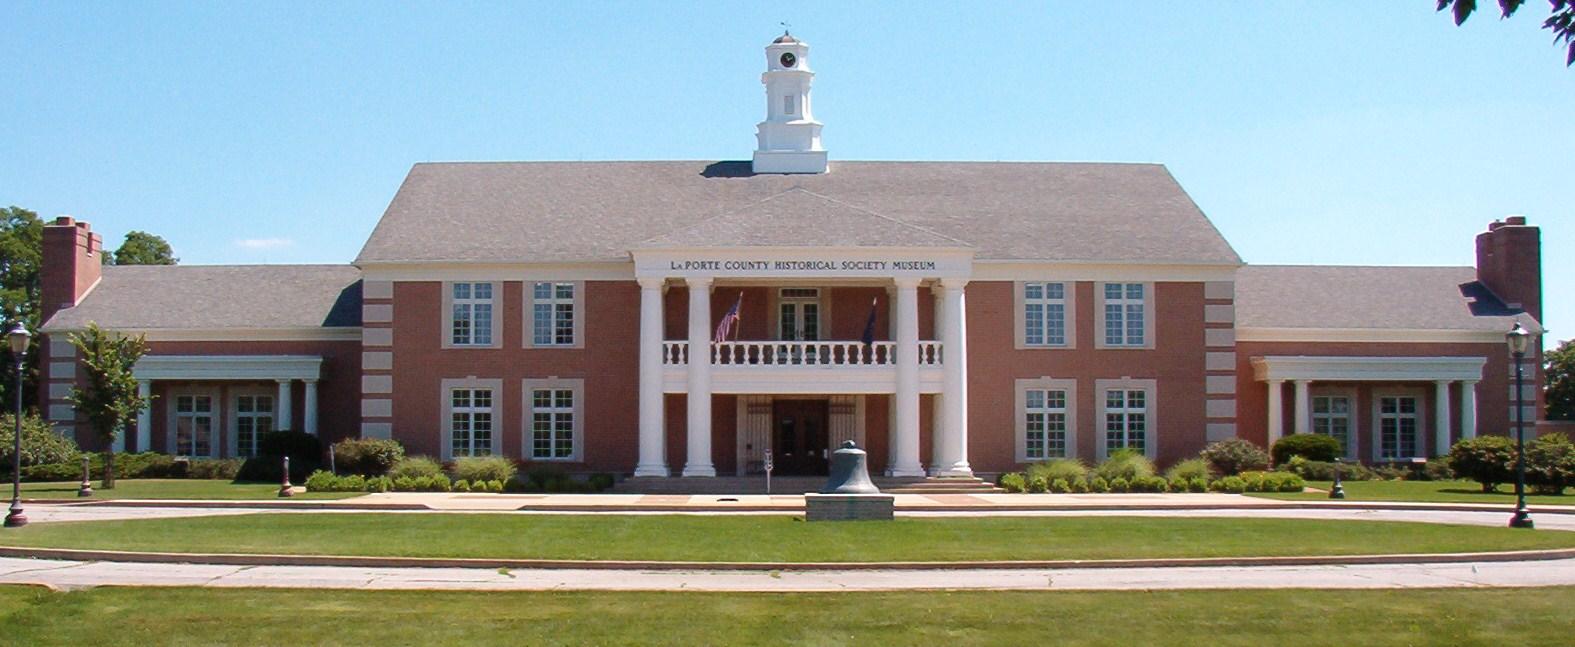 La Porte County Historical Societry Museum